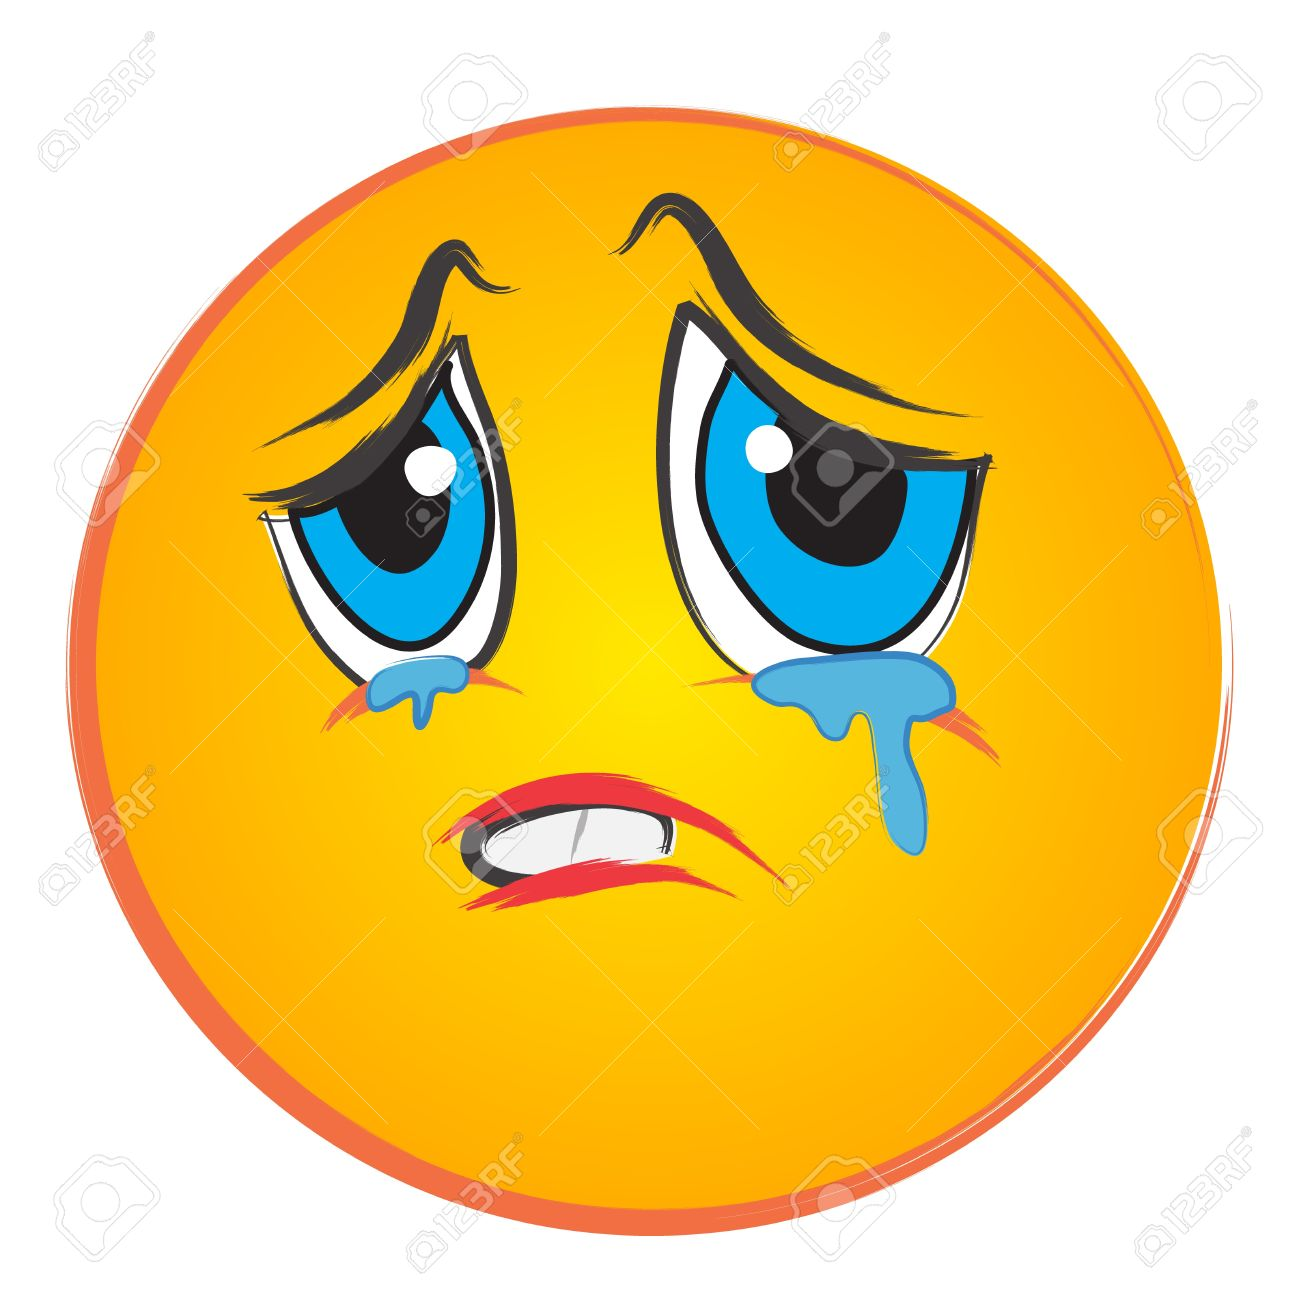 Sad Face With Tears Clipart-Sad Face With Tears Clipart-11